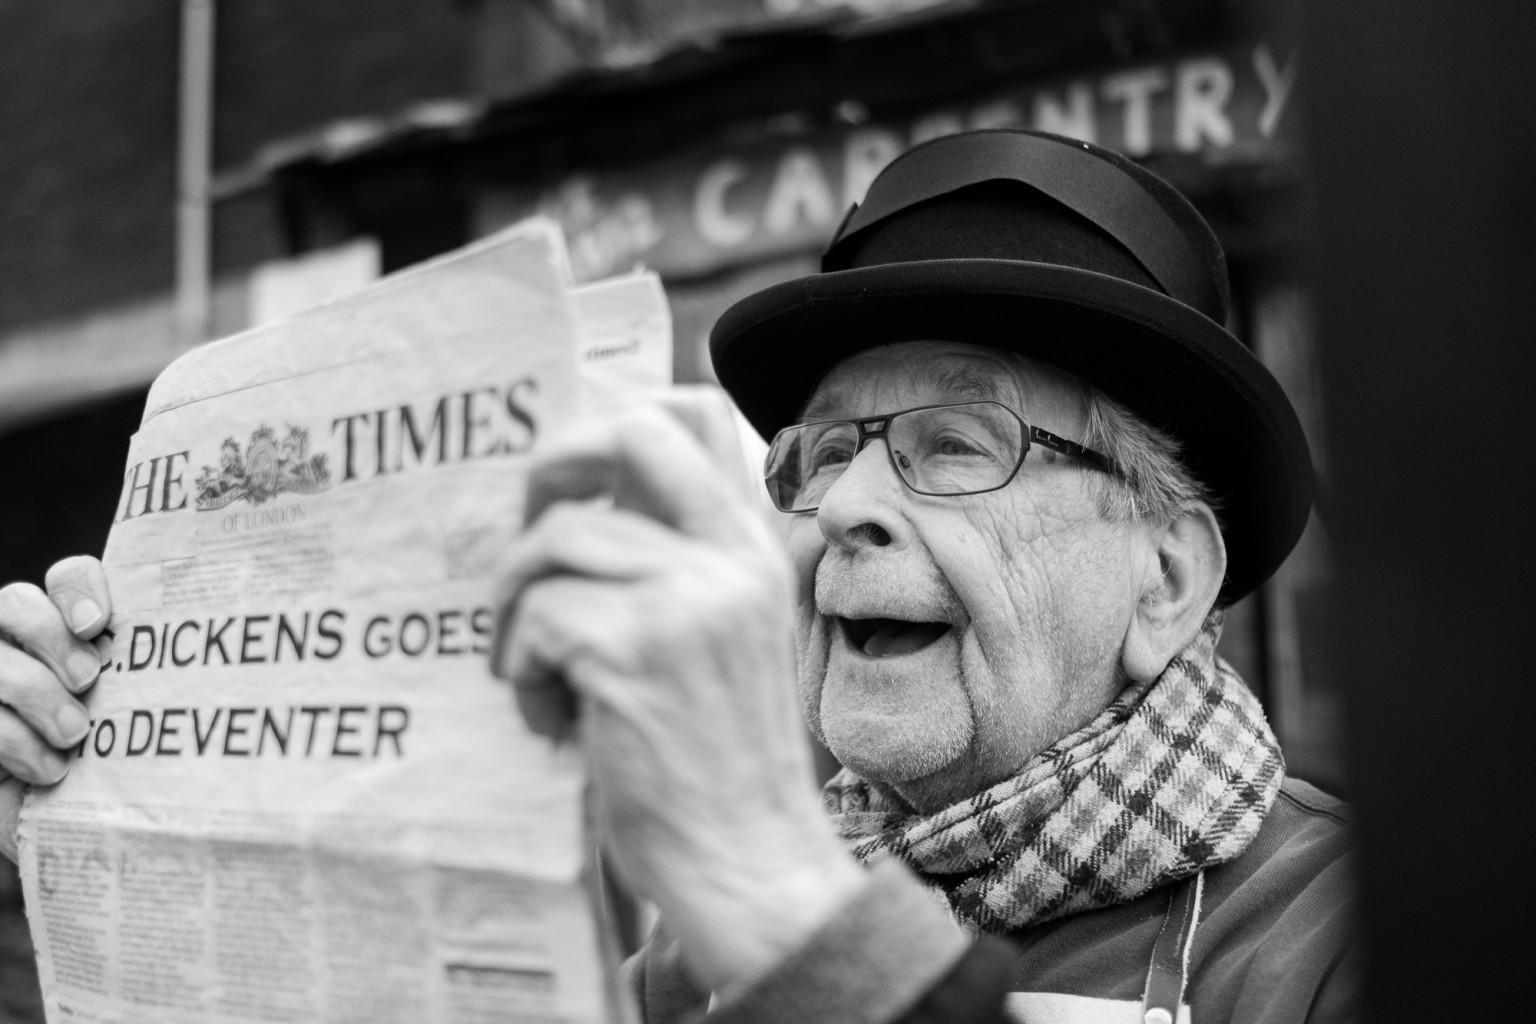 Dickens Festijn 2016 in Deventer - man leest krant